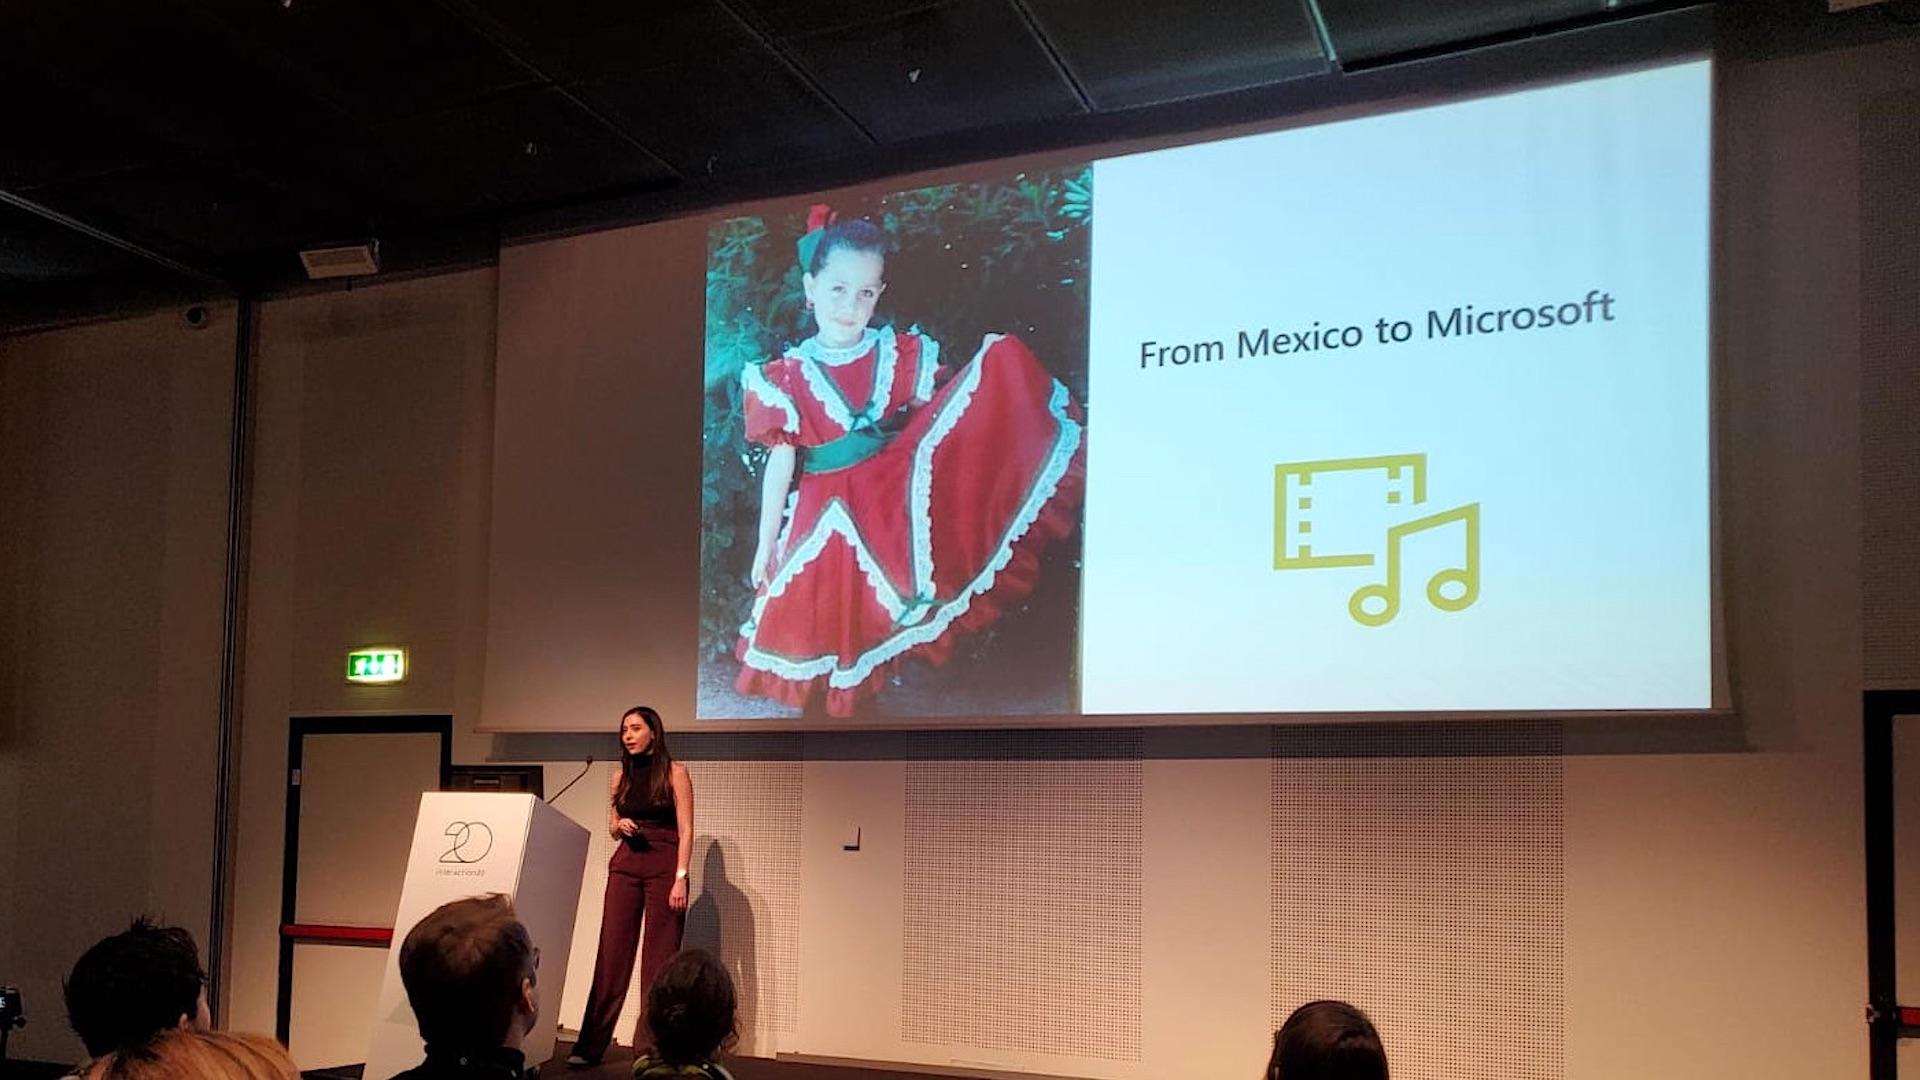 Ana Sofia Gonzalez presenting on a stage